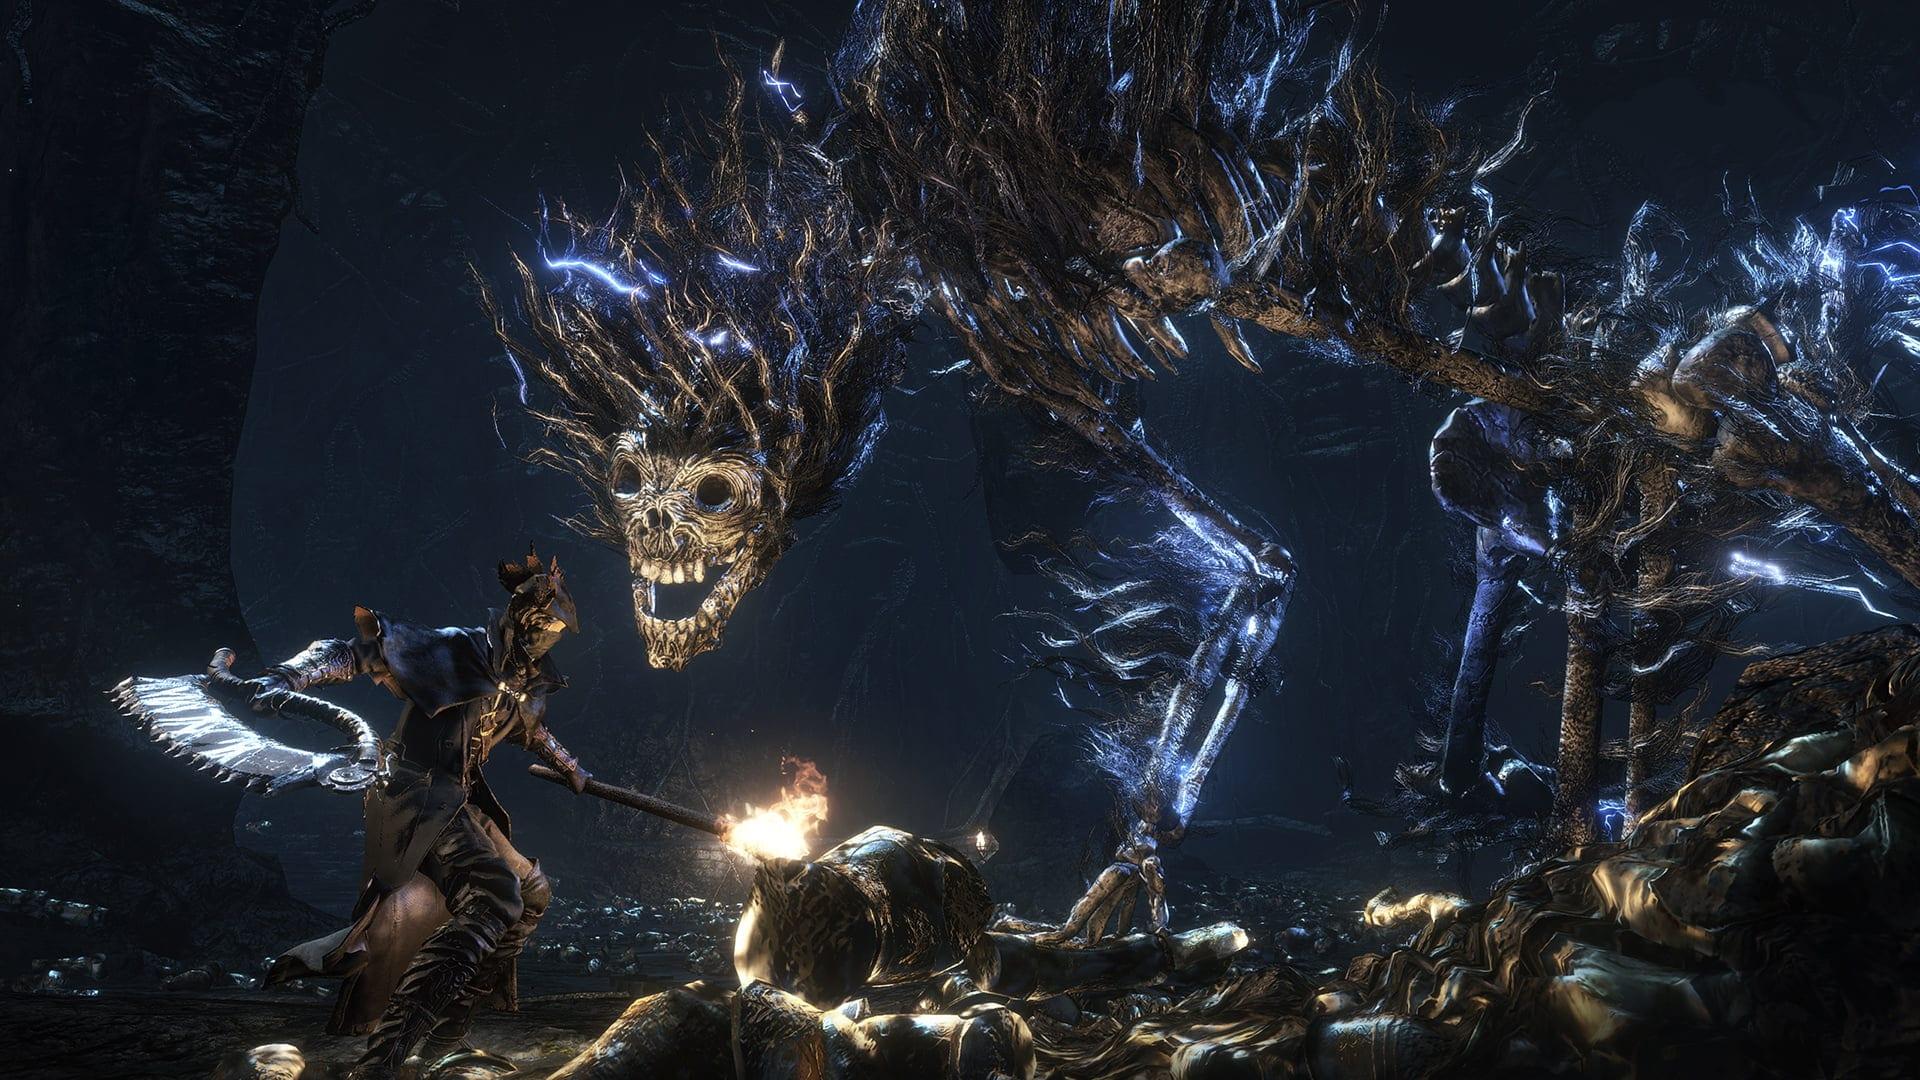 Помимо ПК, переиздание Bloodborne заглянет еще и на PS5, а вместе с ней это сделает и ремейк Demon's Souls